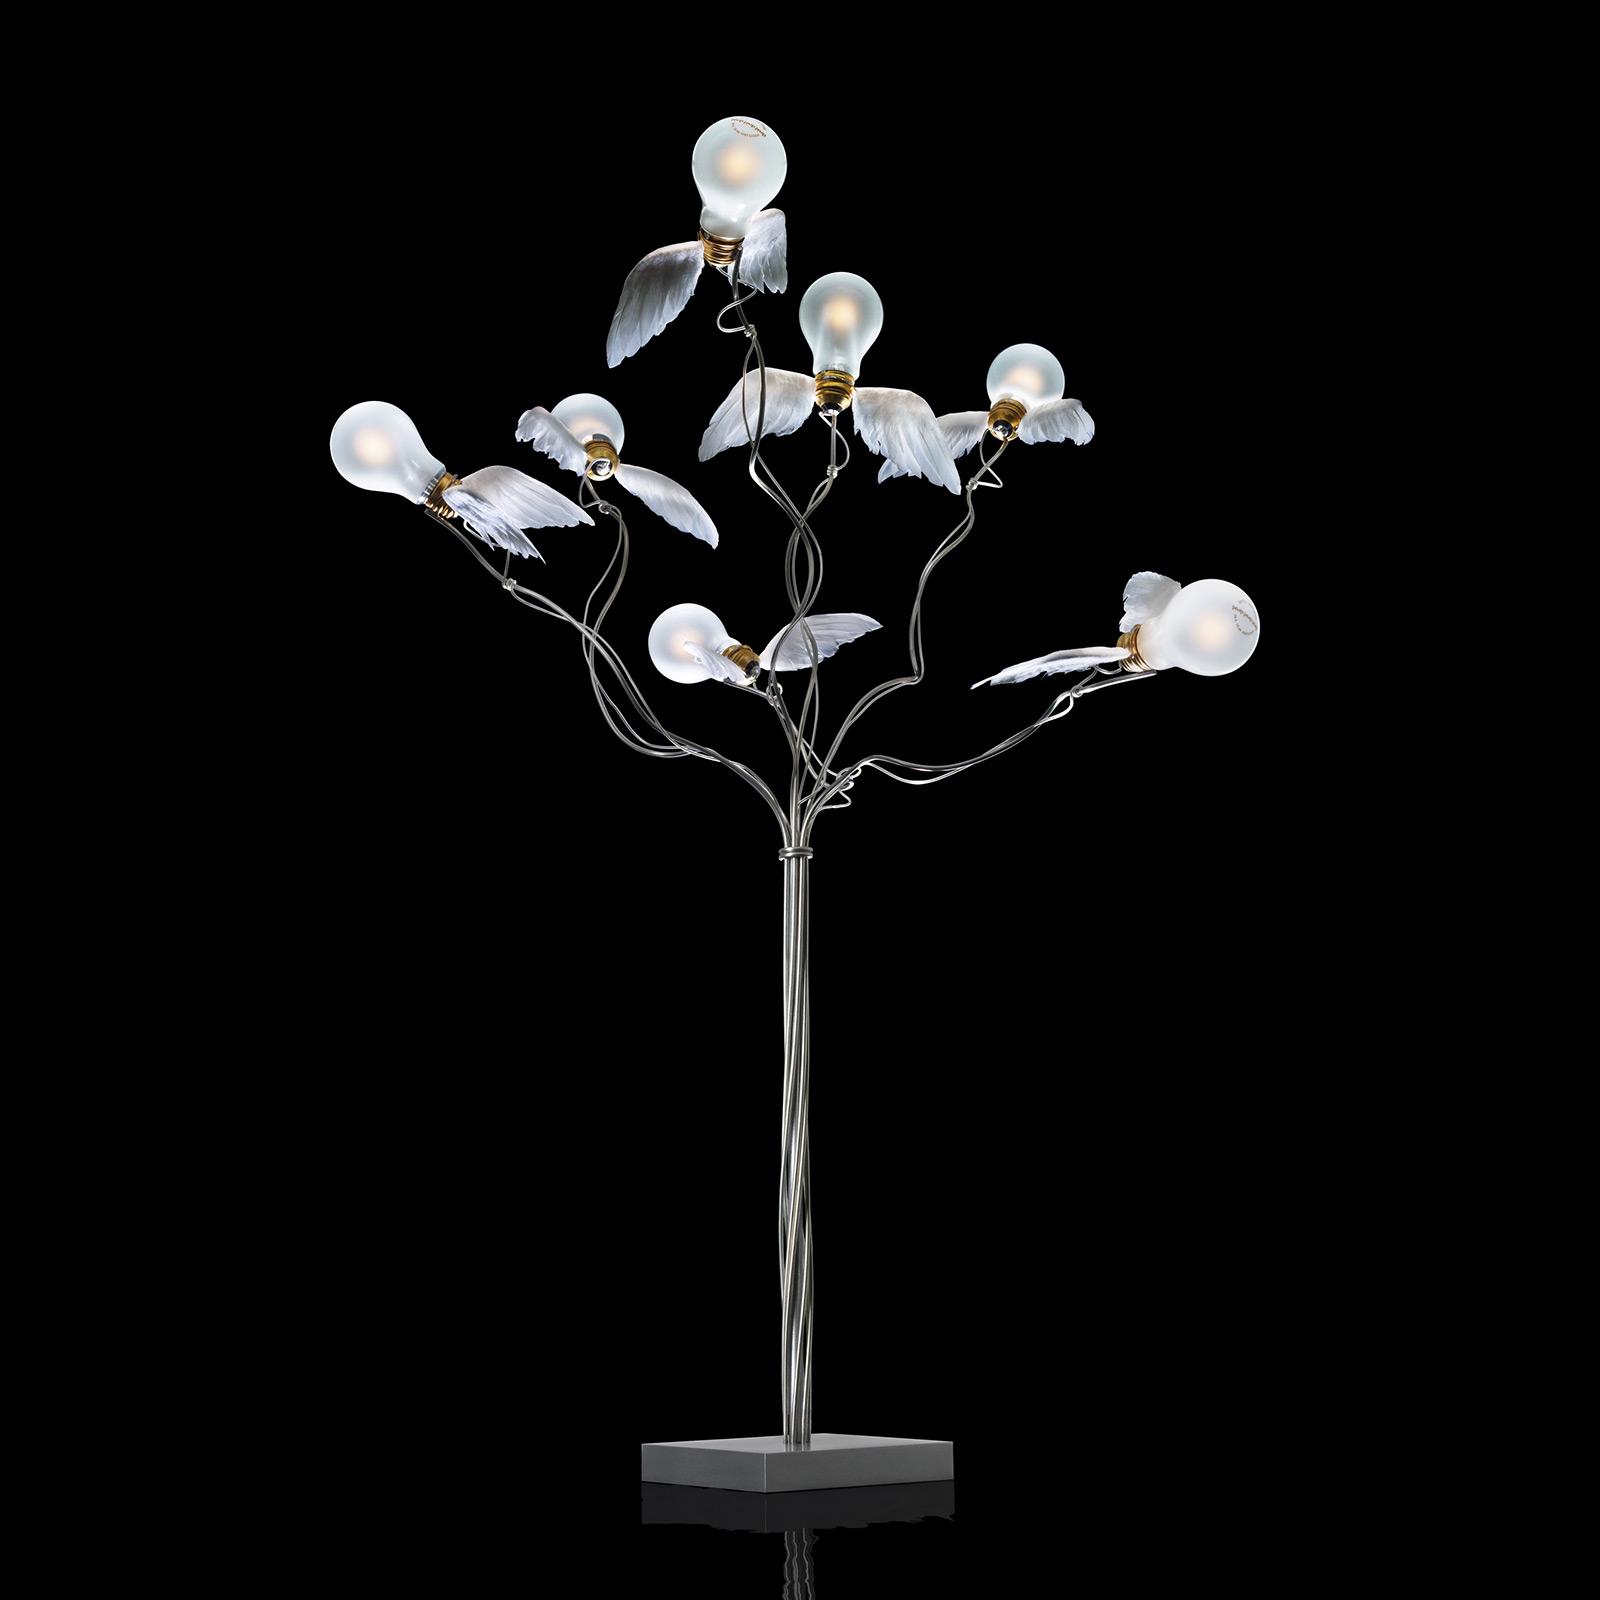 Ingo Maurer Birdie's Busch lampada LED da terra